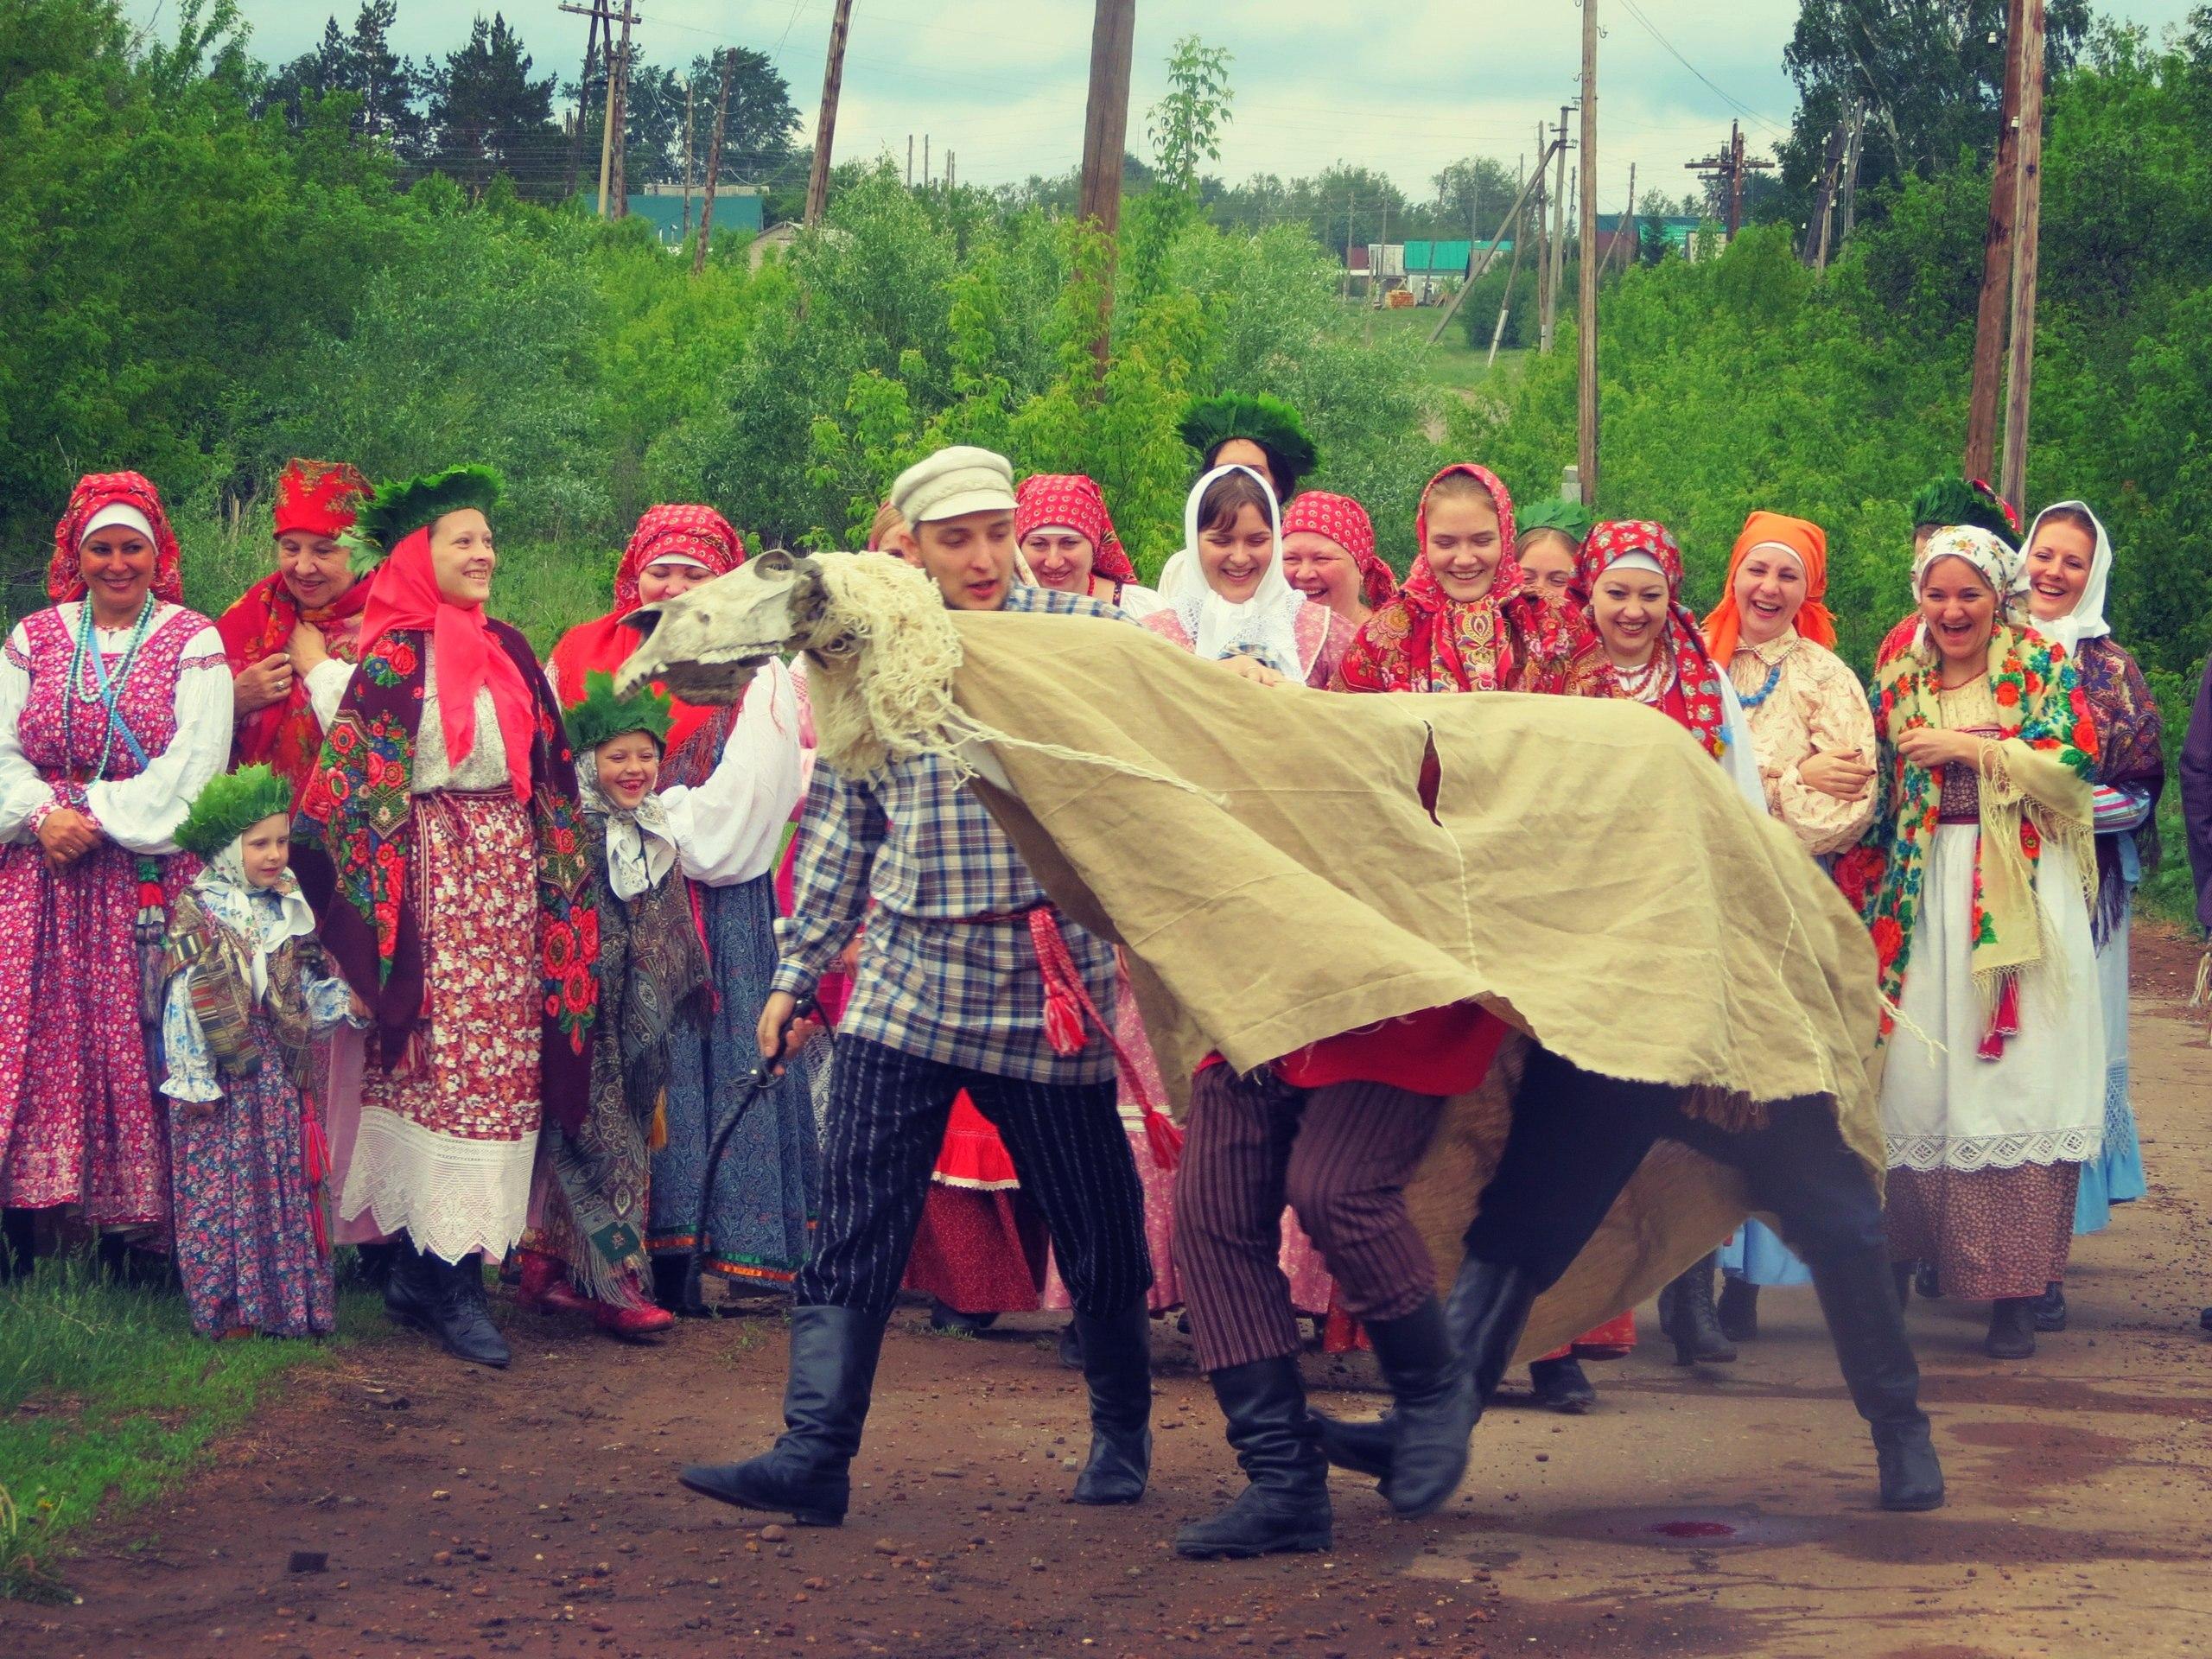 Horse _Фото со съемок телепередачи «Путь паломника» о традициях празднования Троицы в Самарской области..jpg